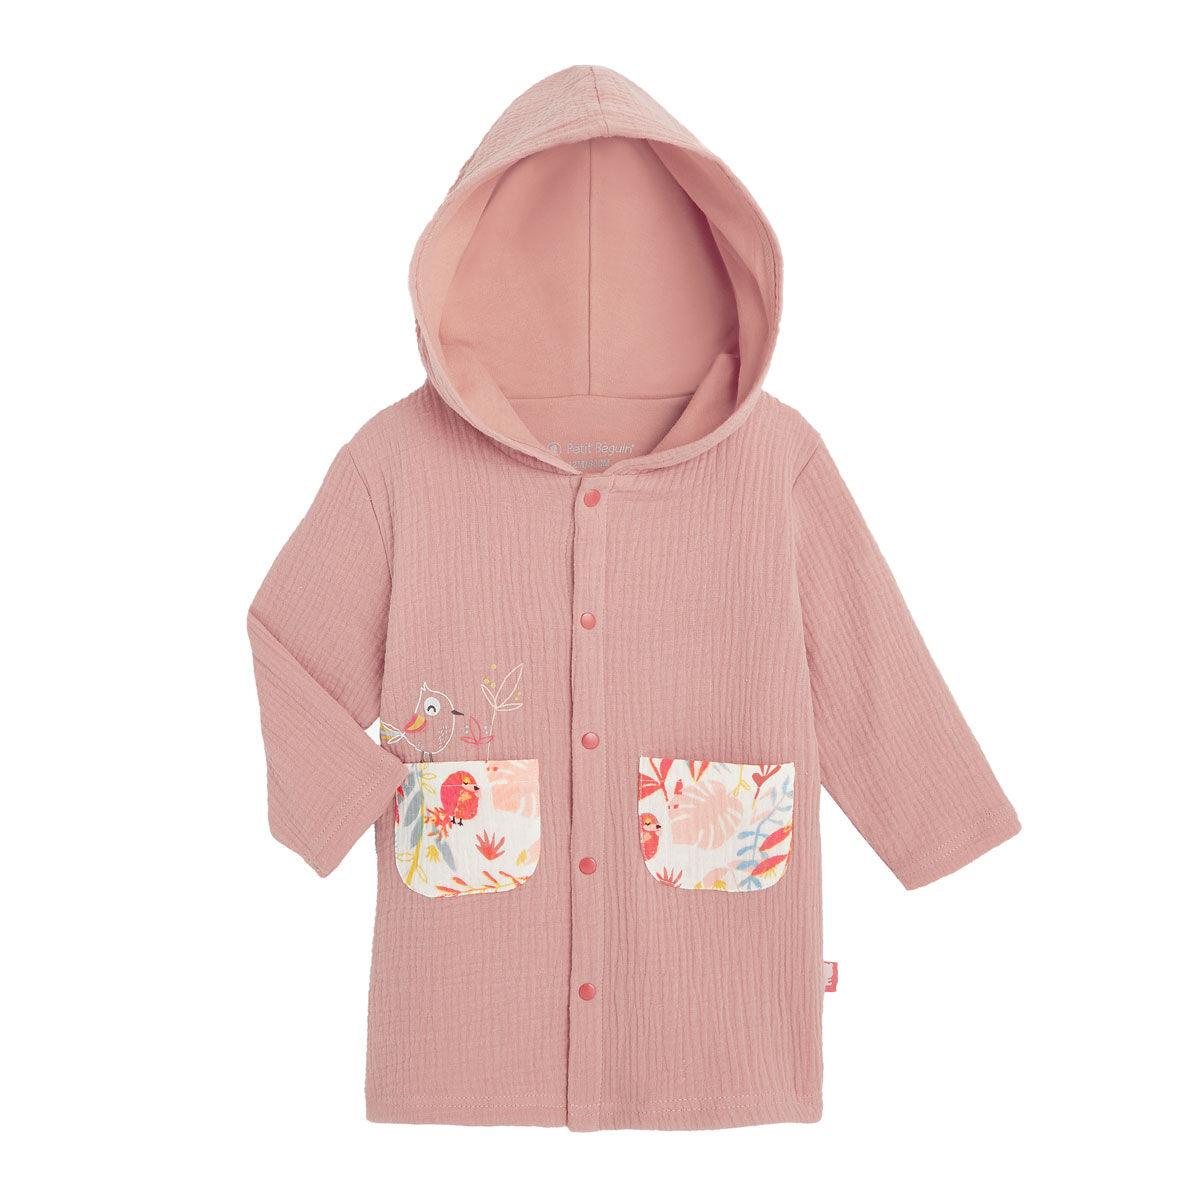 Petit Béguin Robe de chambre doublée bébé fille Tropic - Taille - 18 mois